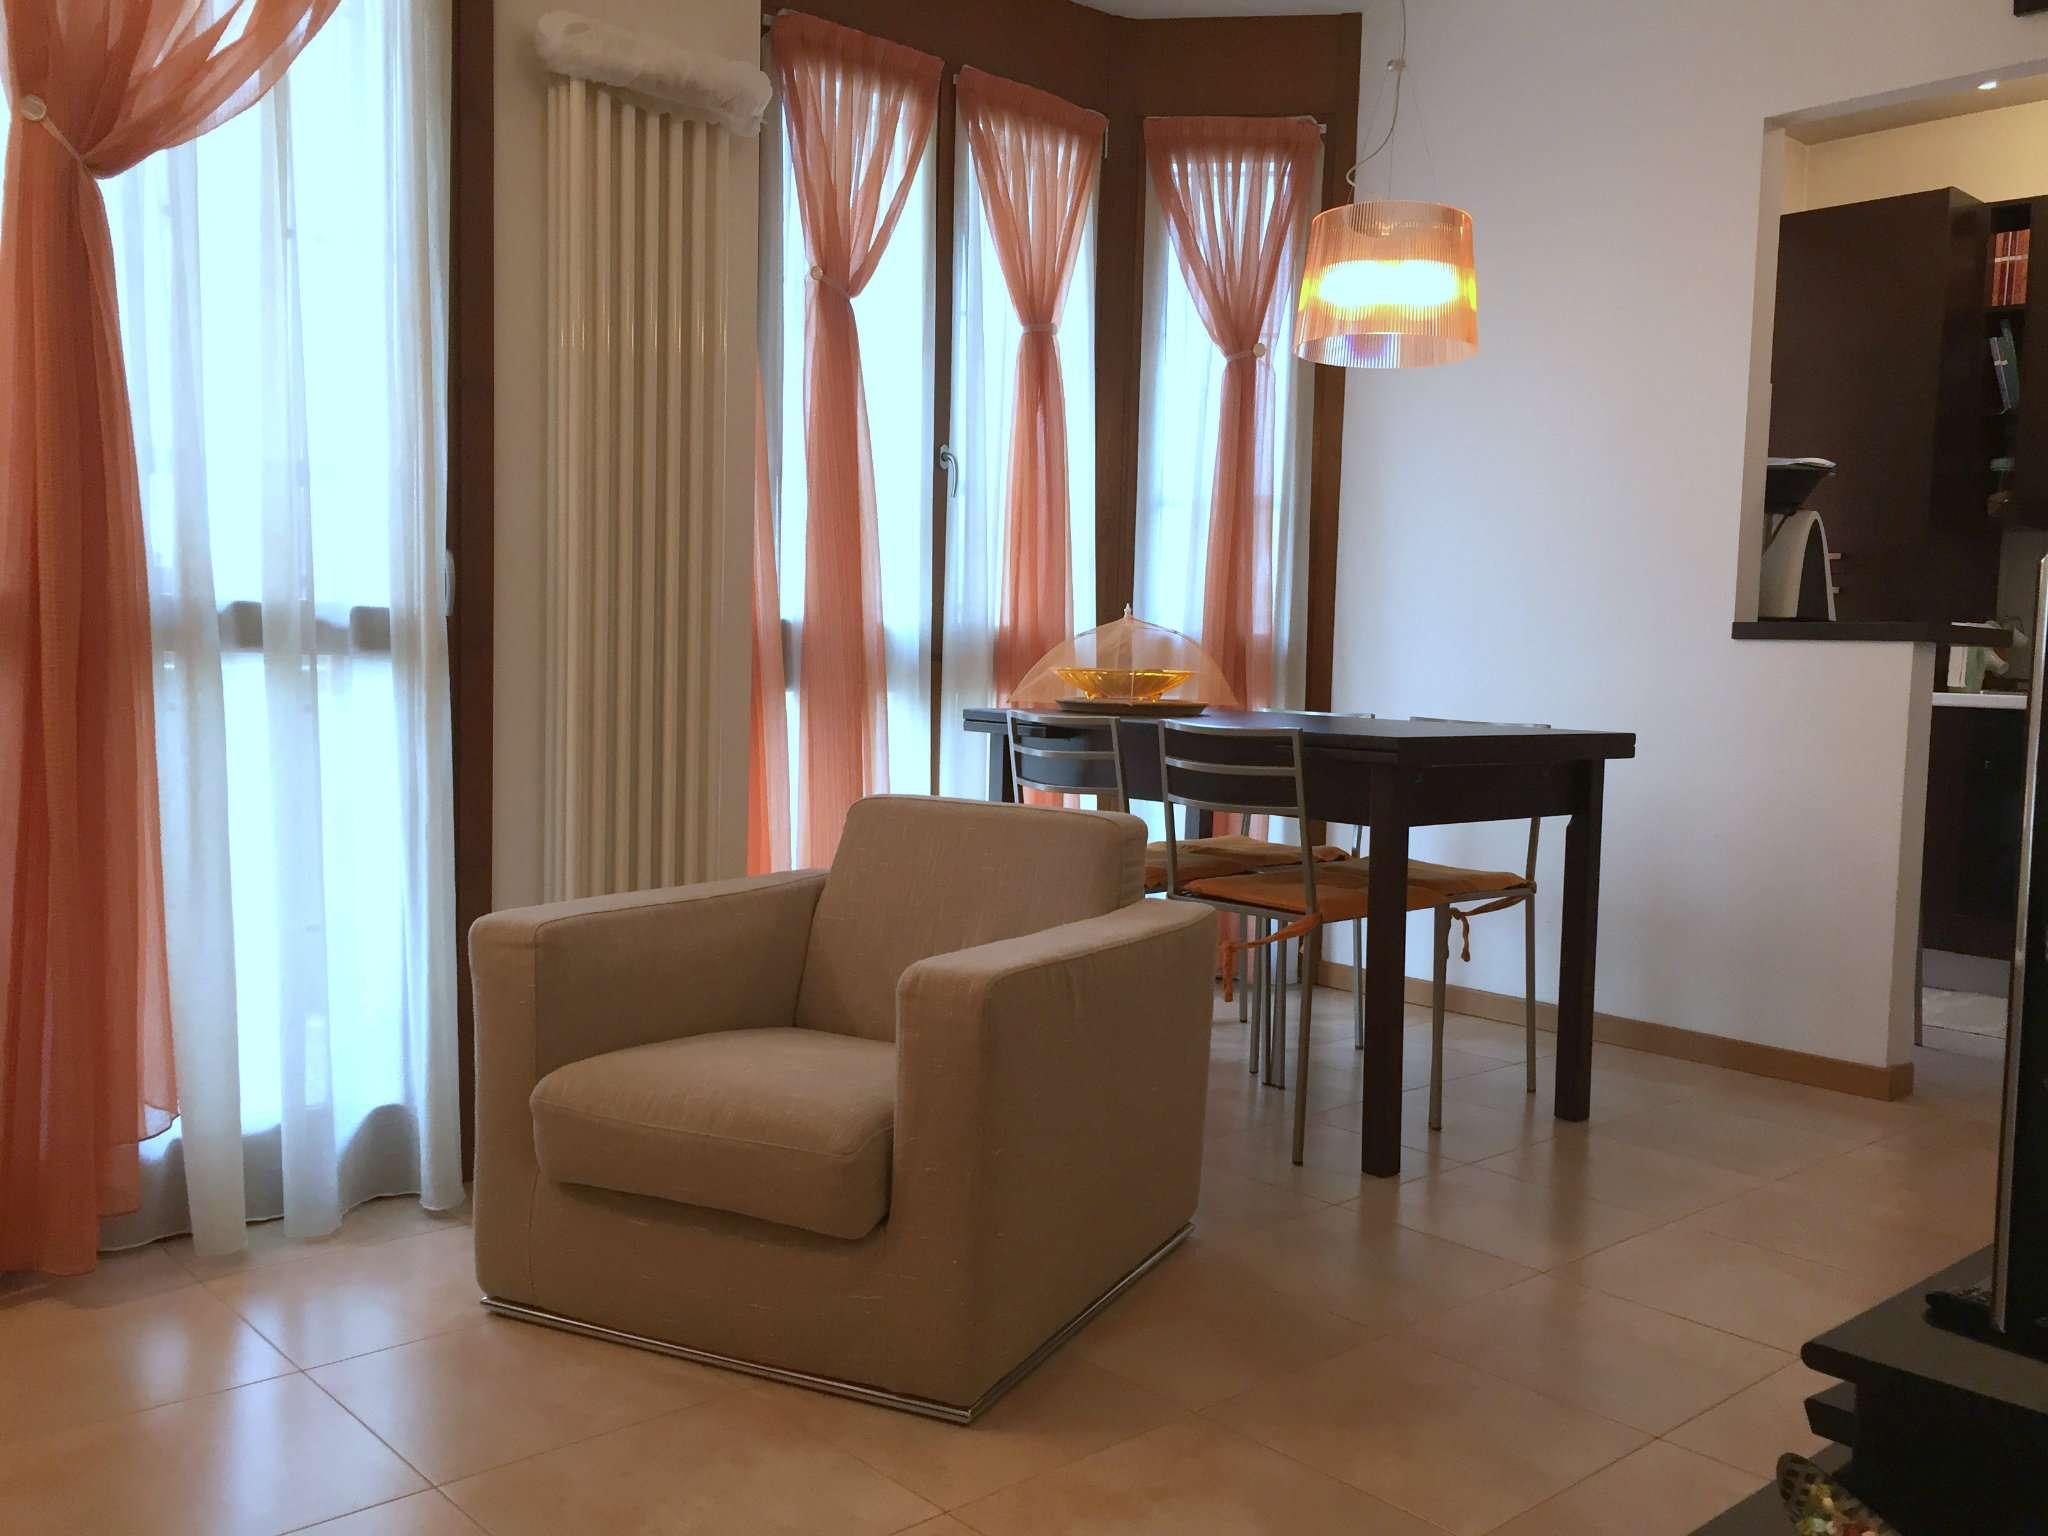 Appartamento in vendita a Cernusco sul Naviglio, 2 locali, prezzo € 208.000 | CambioCasa.it